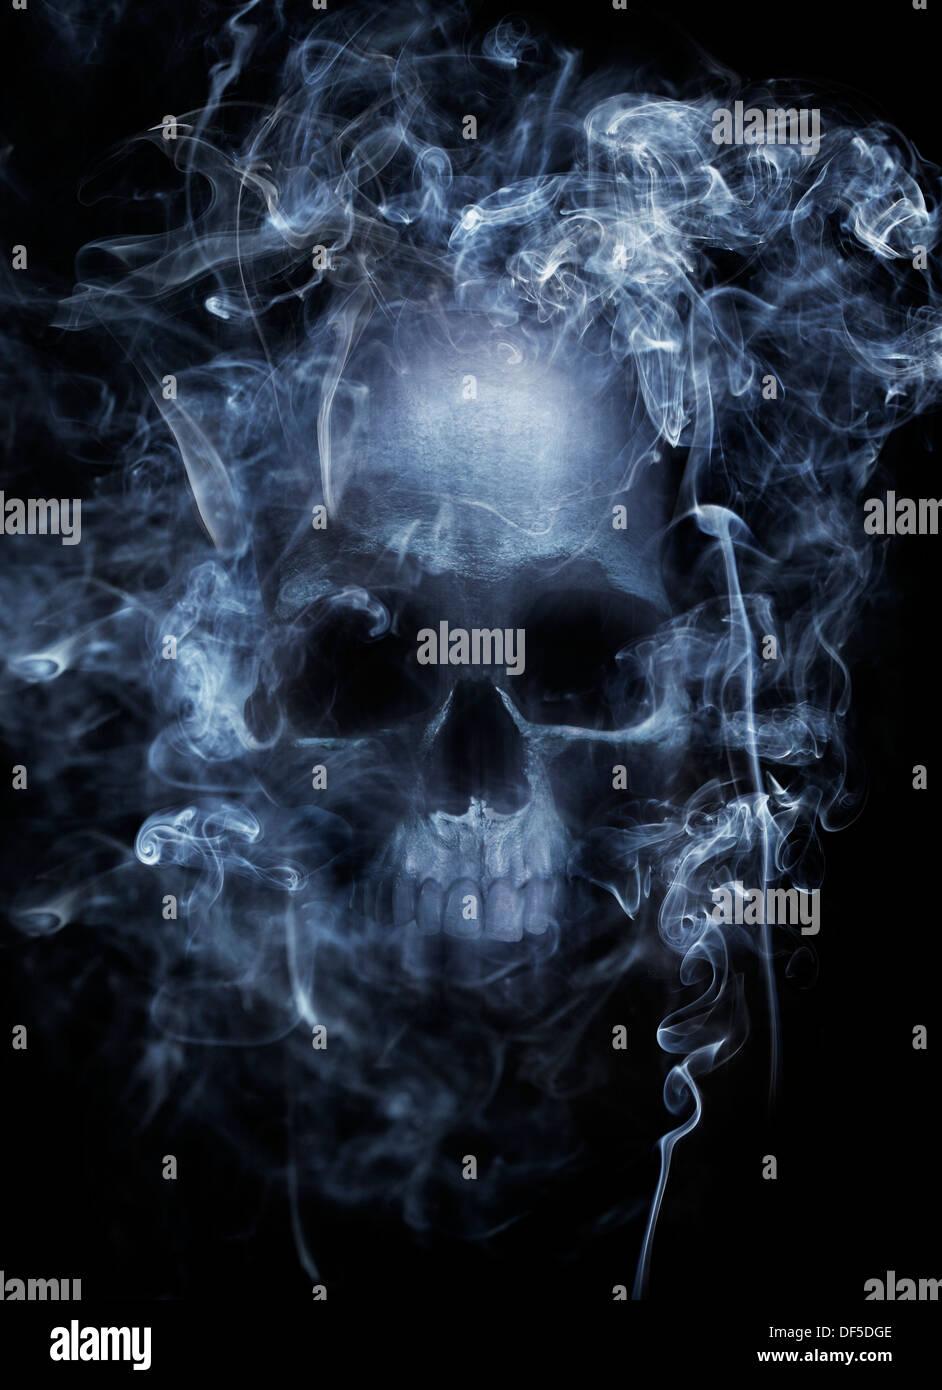 Fotomontage eines menschlichen Schädels, umgeben von Zigarettenrauch. Stockbild